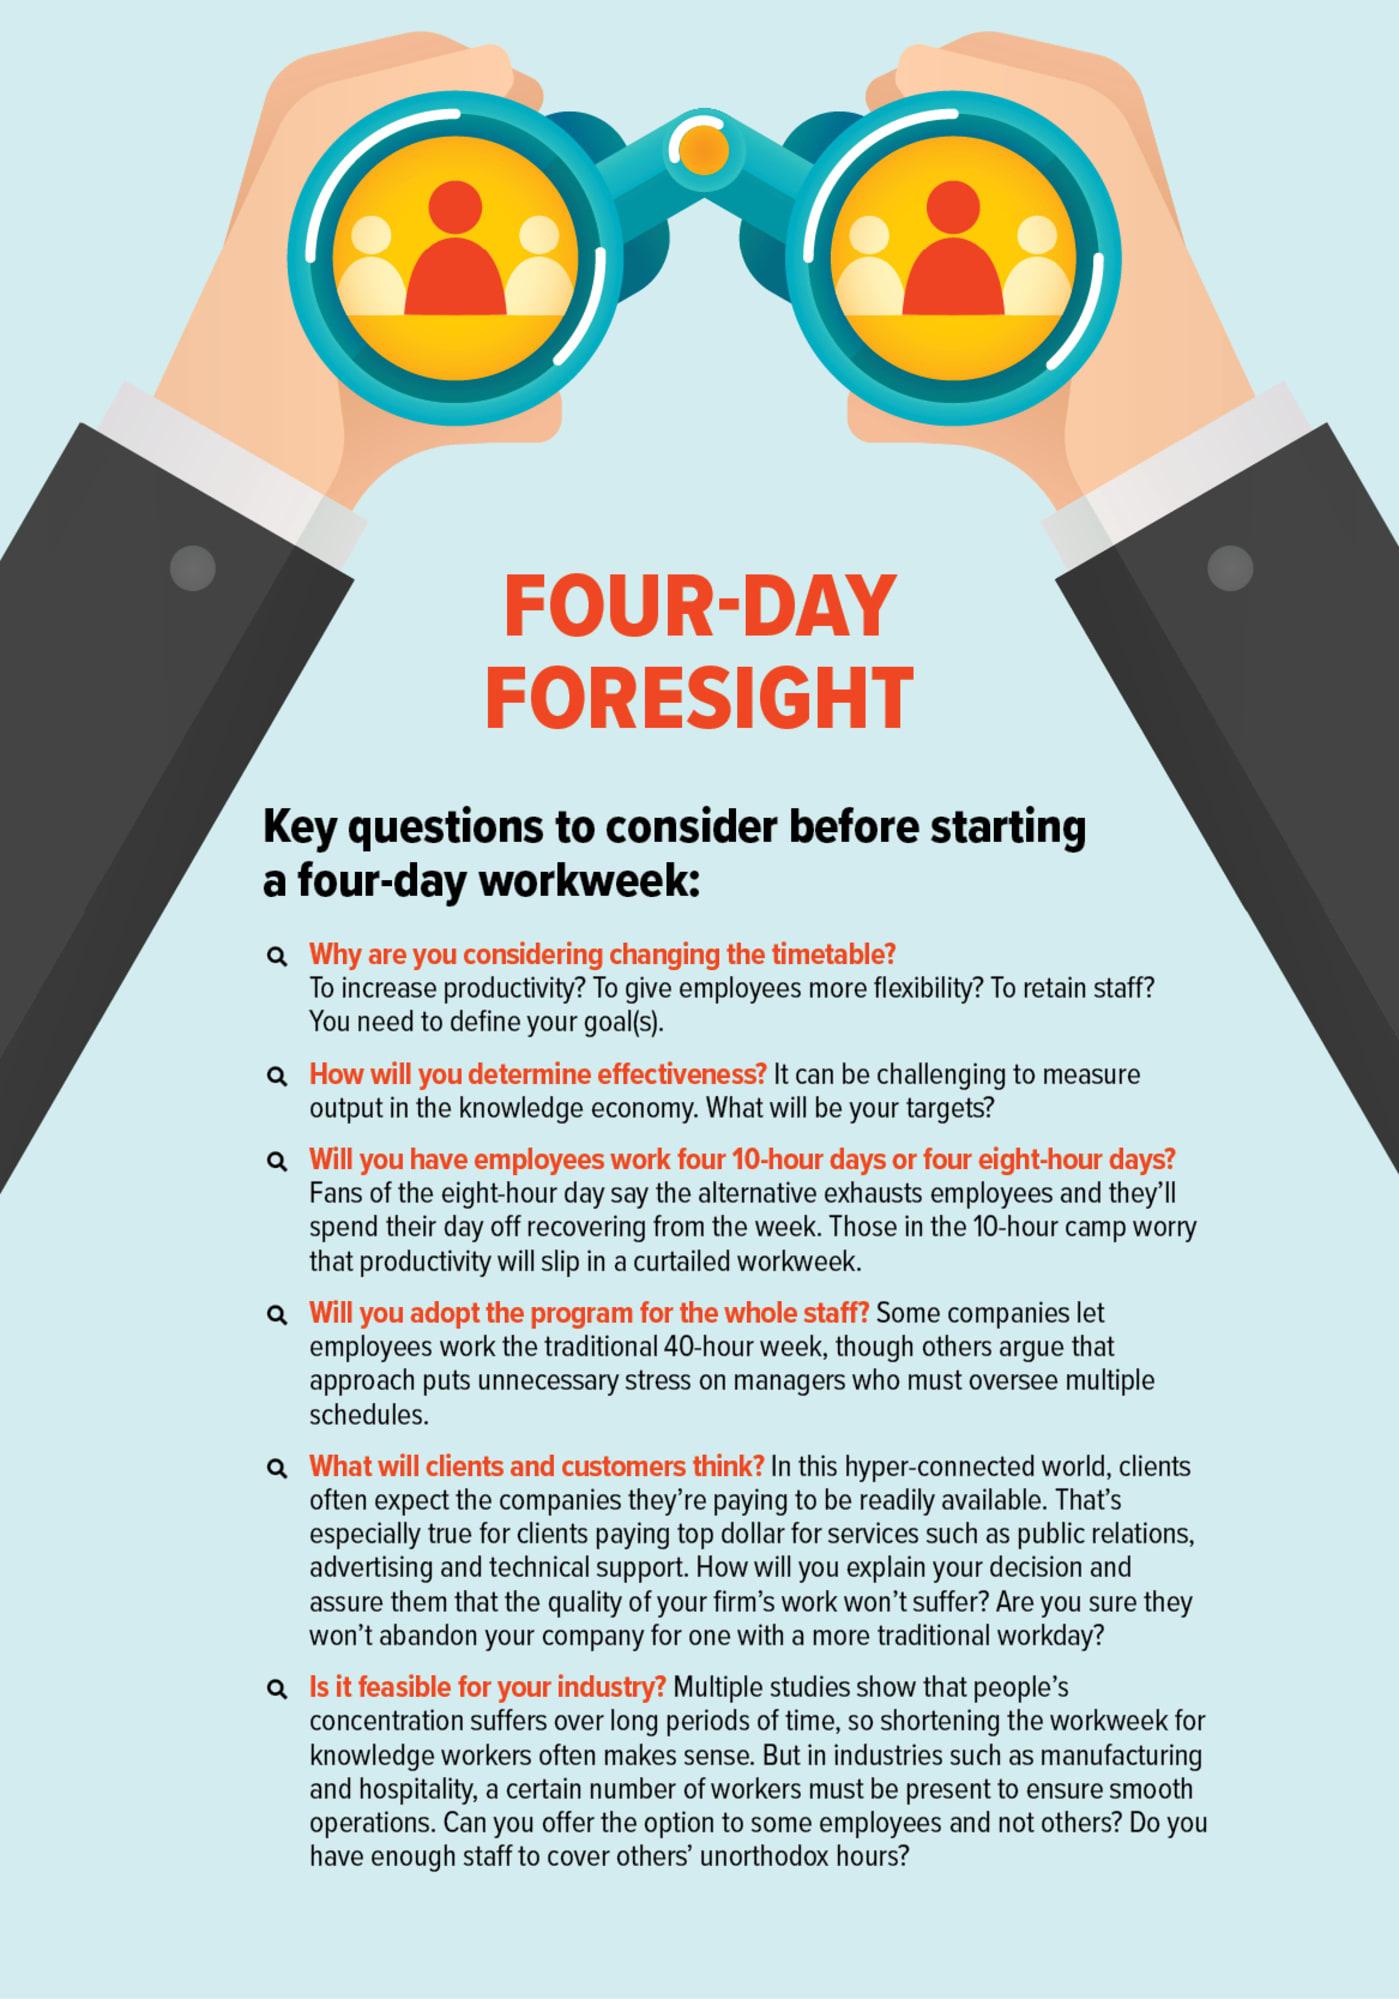 The Phenomenon of the Four-Day Workweek